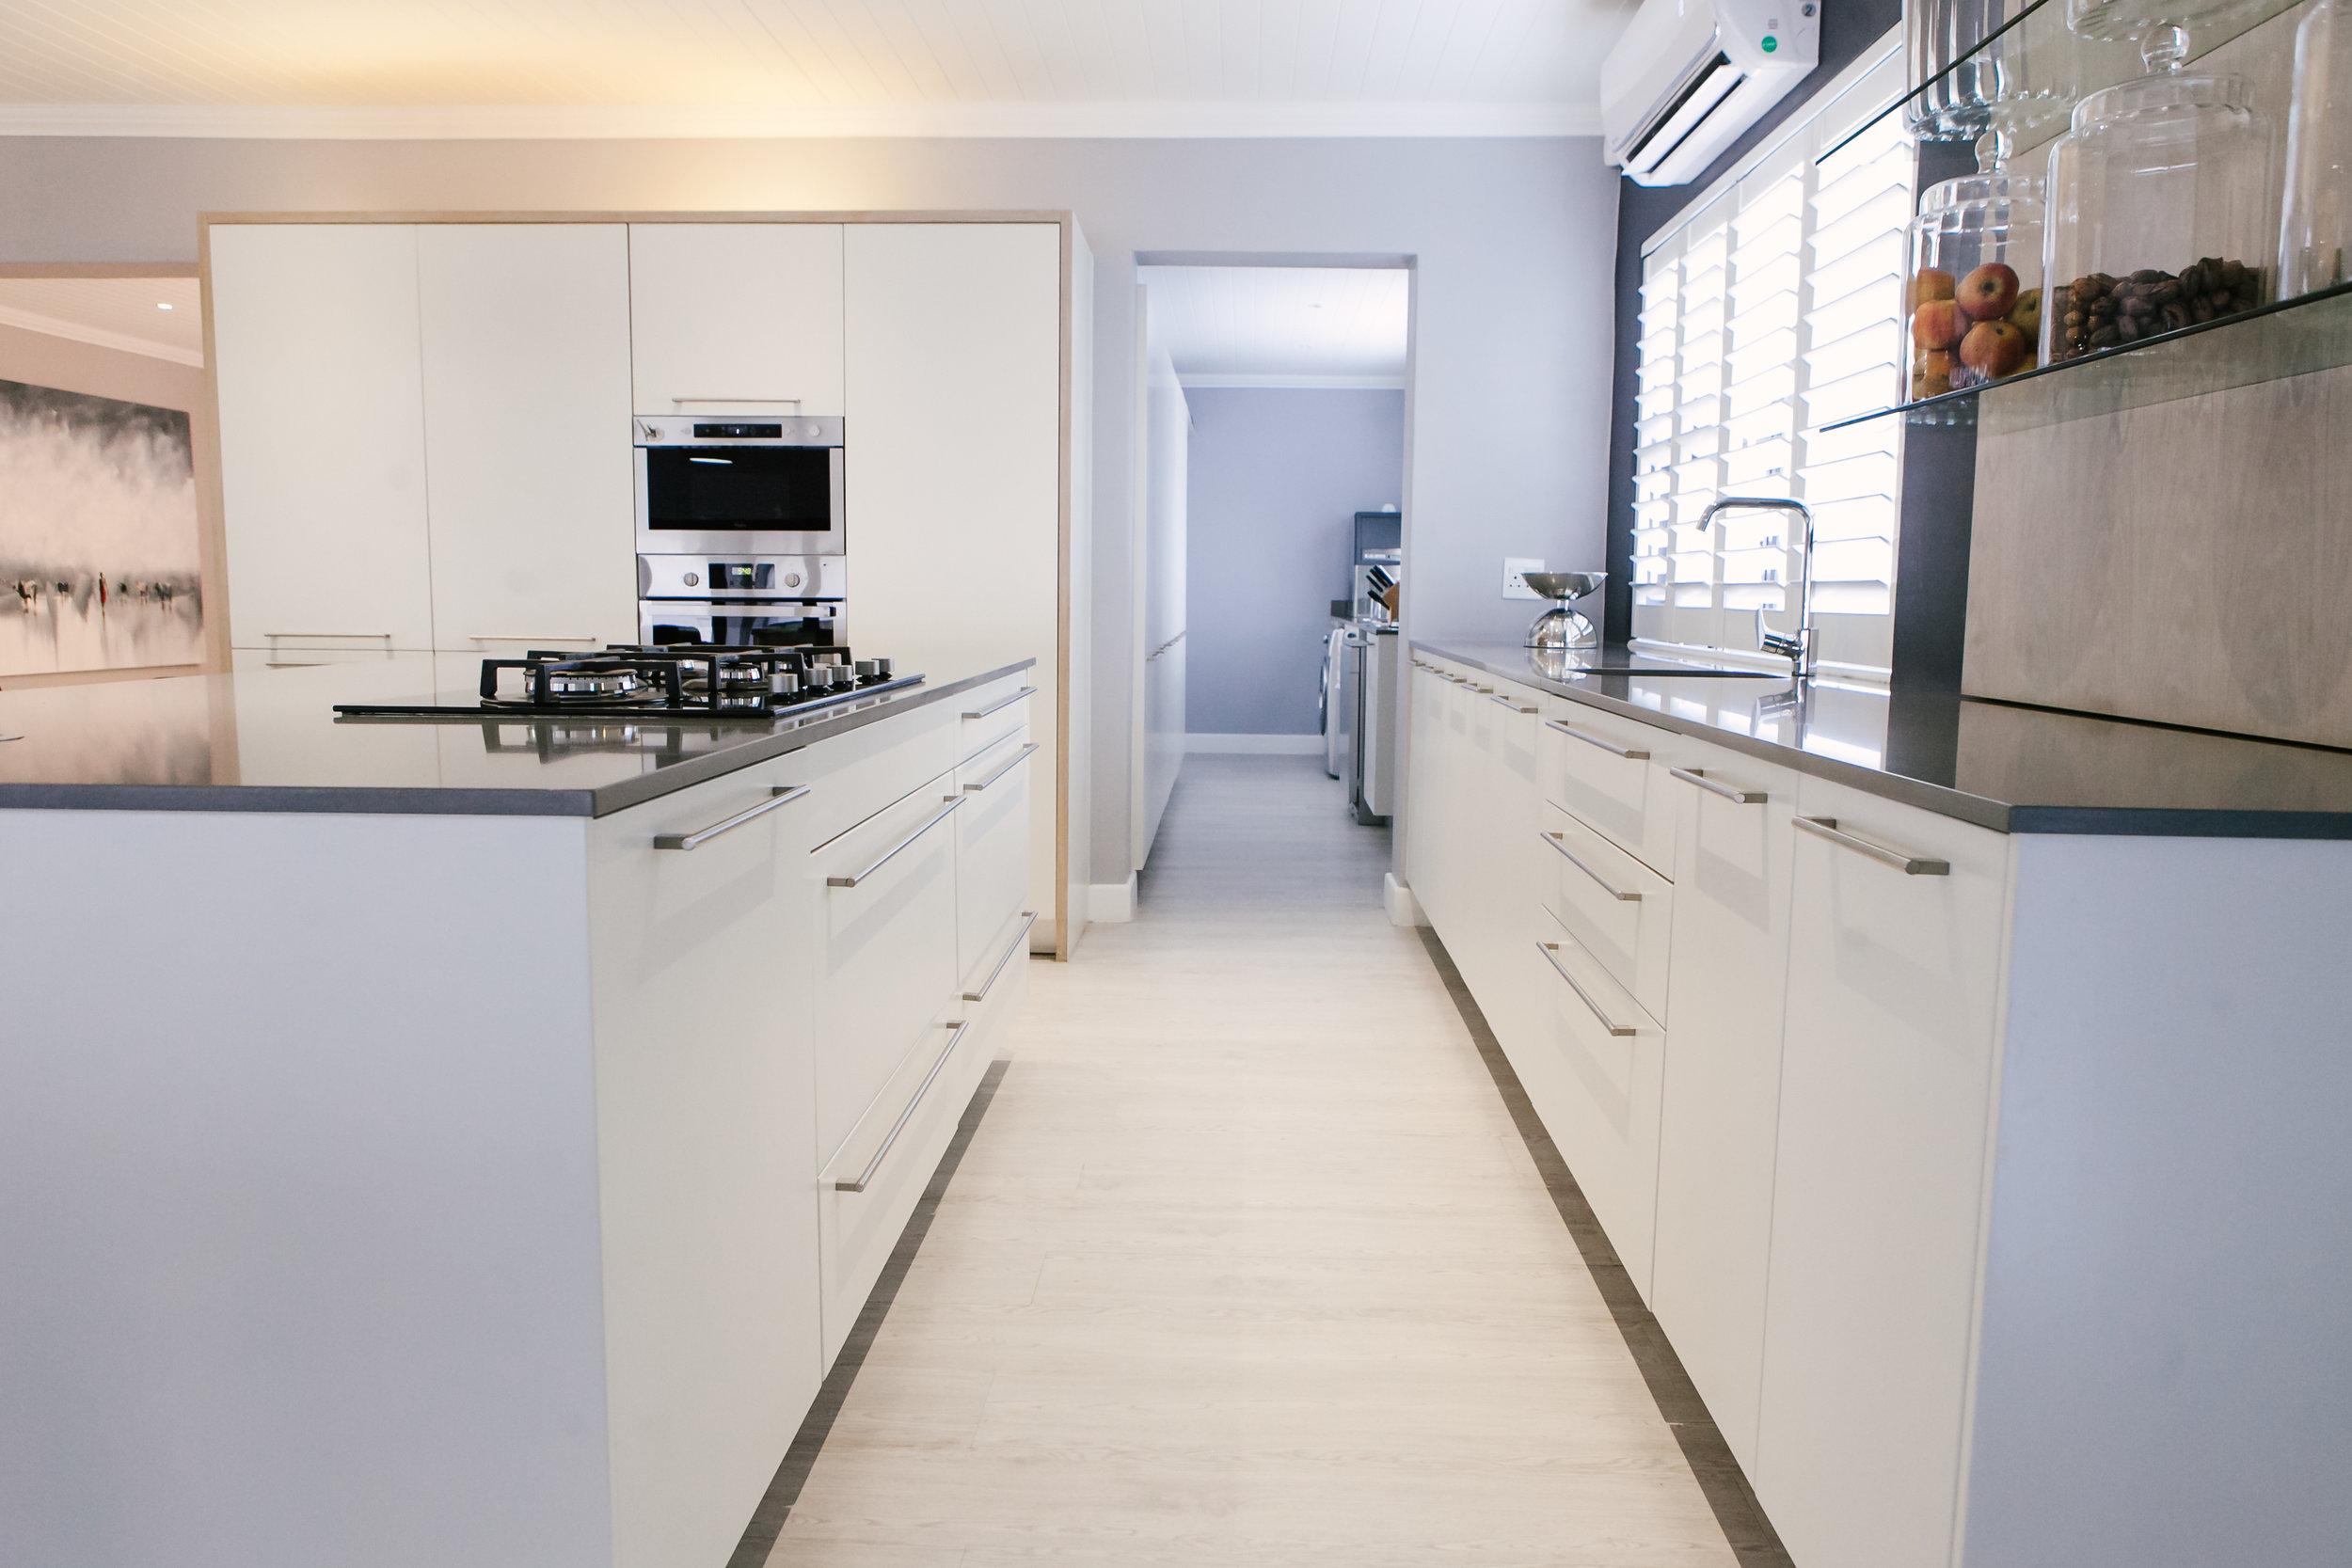 Stellenbosch kitchen 5.jpg